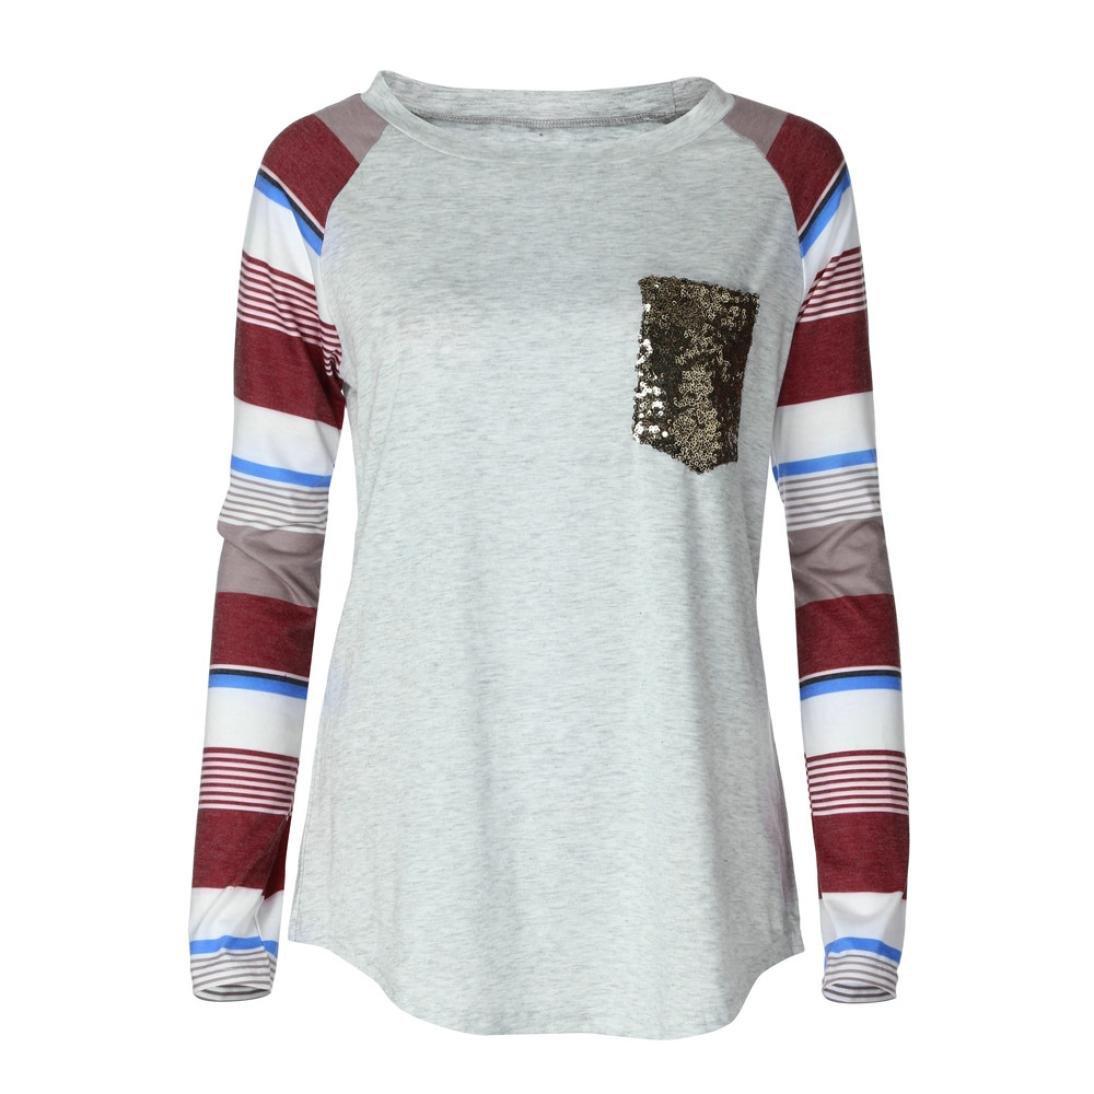 ... Casual Manga Larga básica Inferior Camiseta Tops suéter Chaqueta Sudadera Blusa Camisa Mono Vestido Pijamas Traje Ropa (S): Amazon.es: Ropa y accesorios